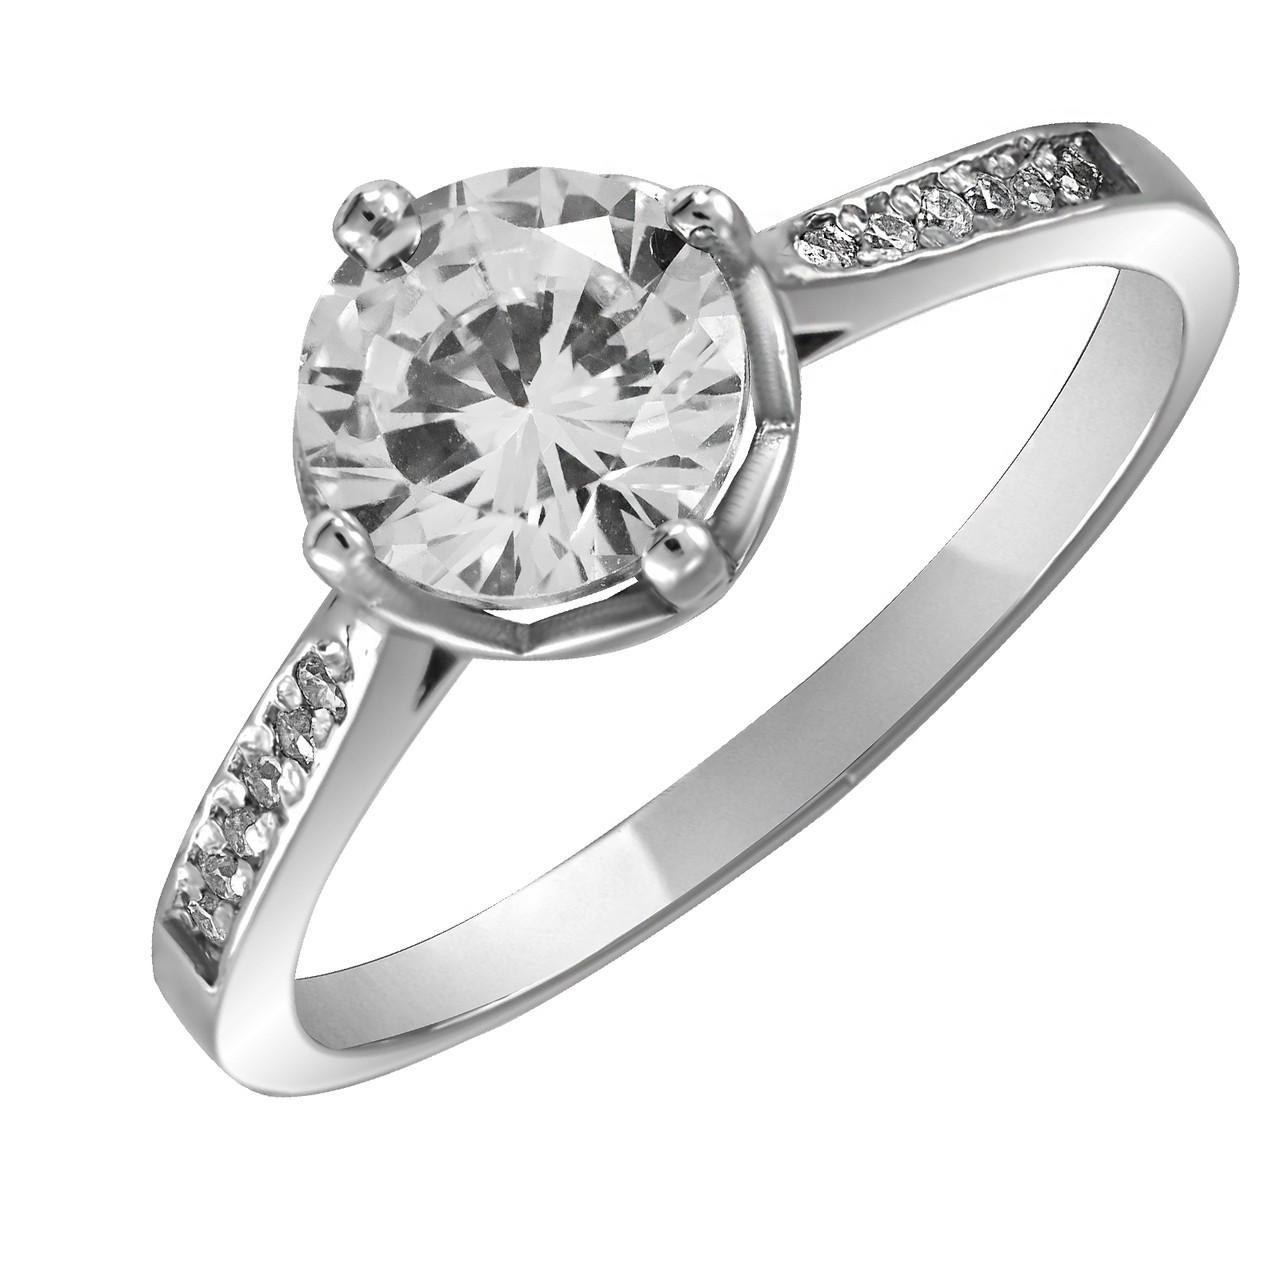 Кольцо из серебра с кубическим цирконием Twiddle Jewelry 20.0 размер (К016-20.0)